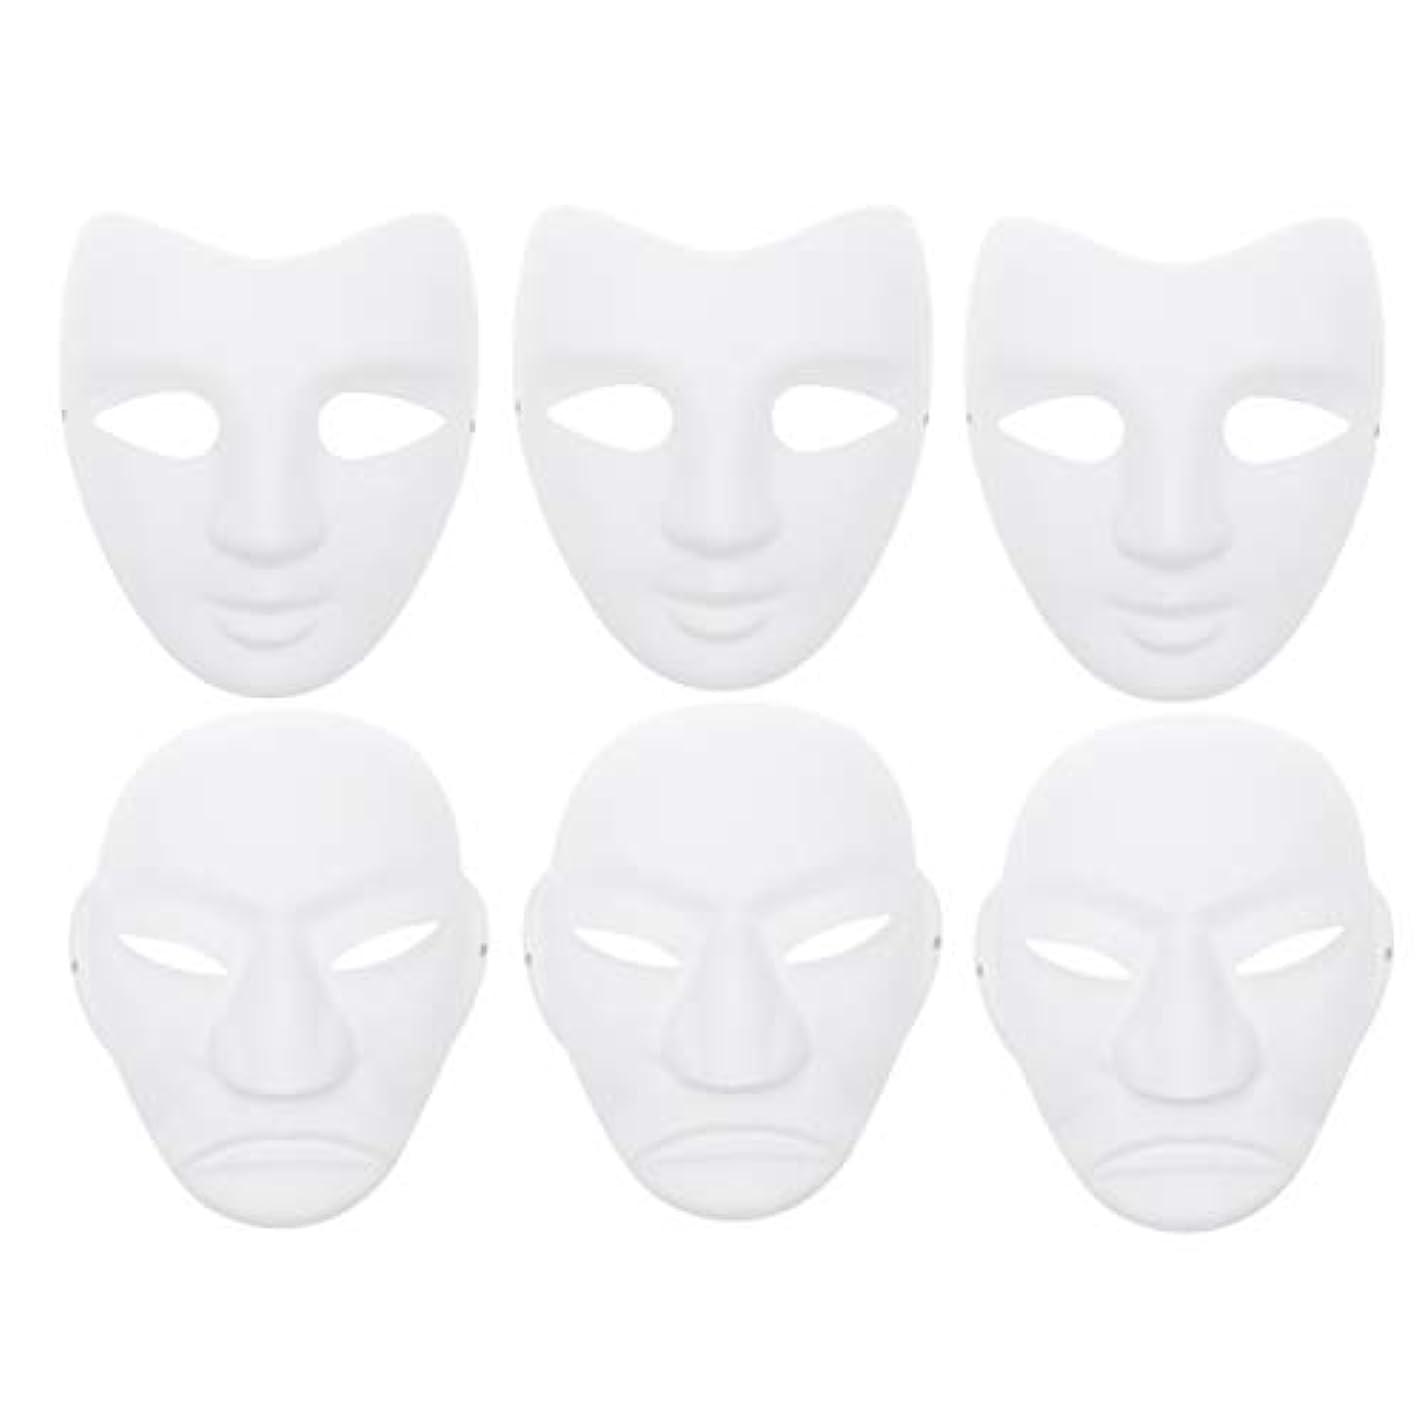 潤滑する狂ったパーツBESTOYARD 大人のダンスの仮面舞踏会のための6個のパルプブランクマスククラフトキットDIY